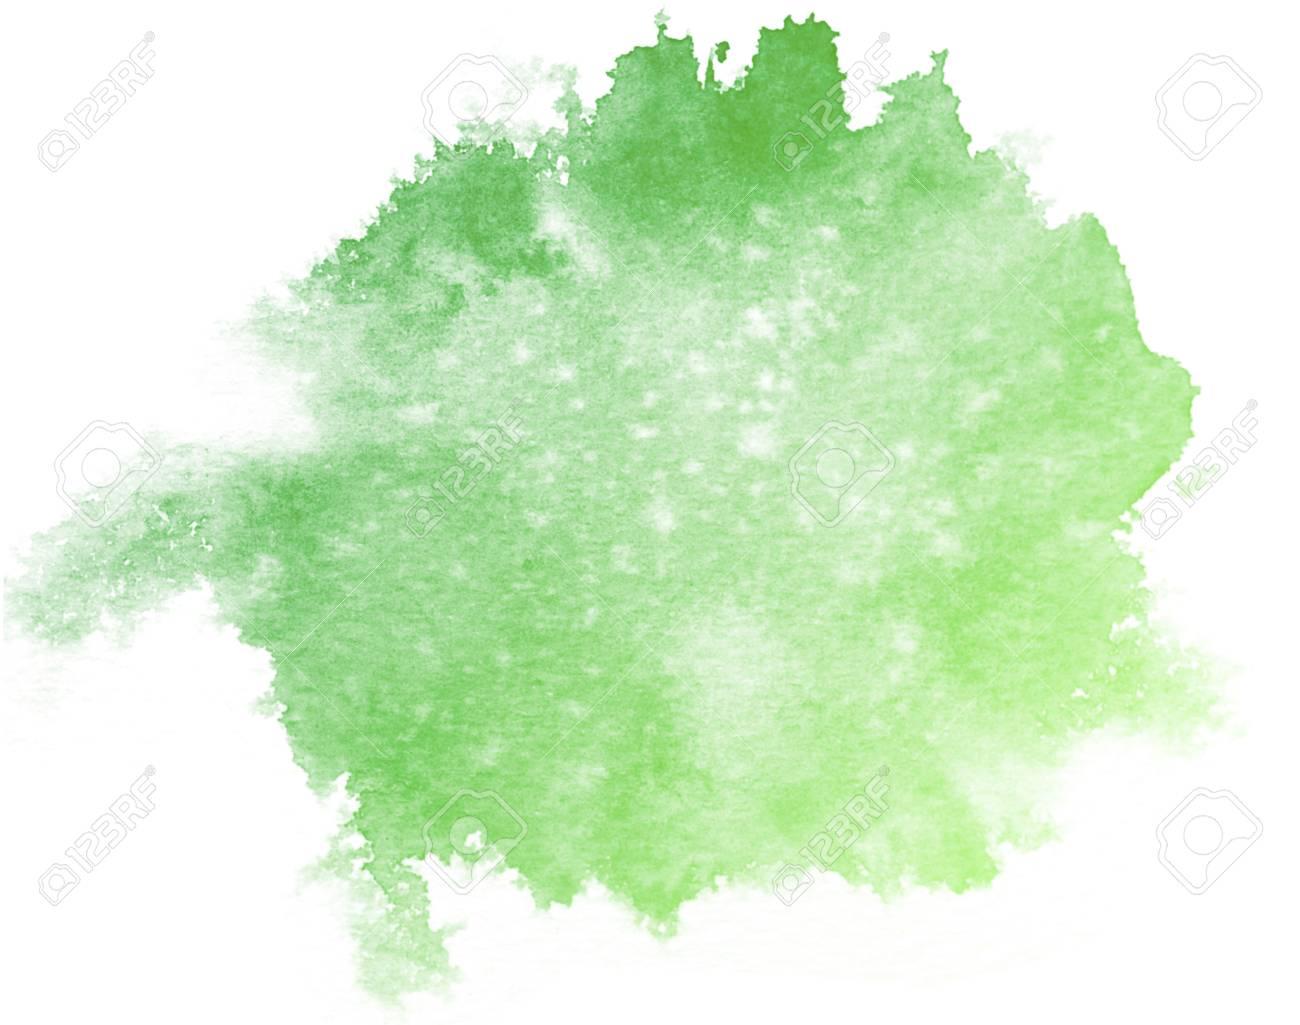 Immagini Stock Acquerello Astratto Verde Su Sfondo Bianco E Questo